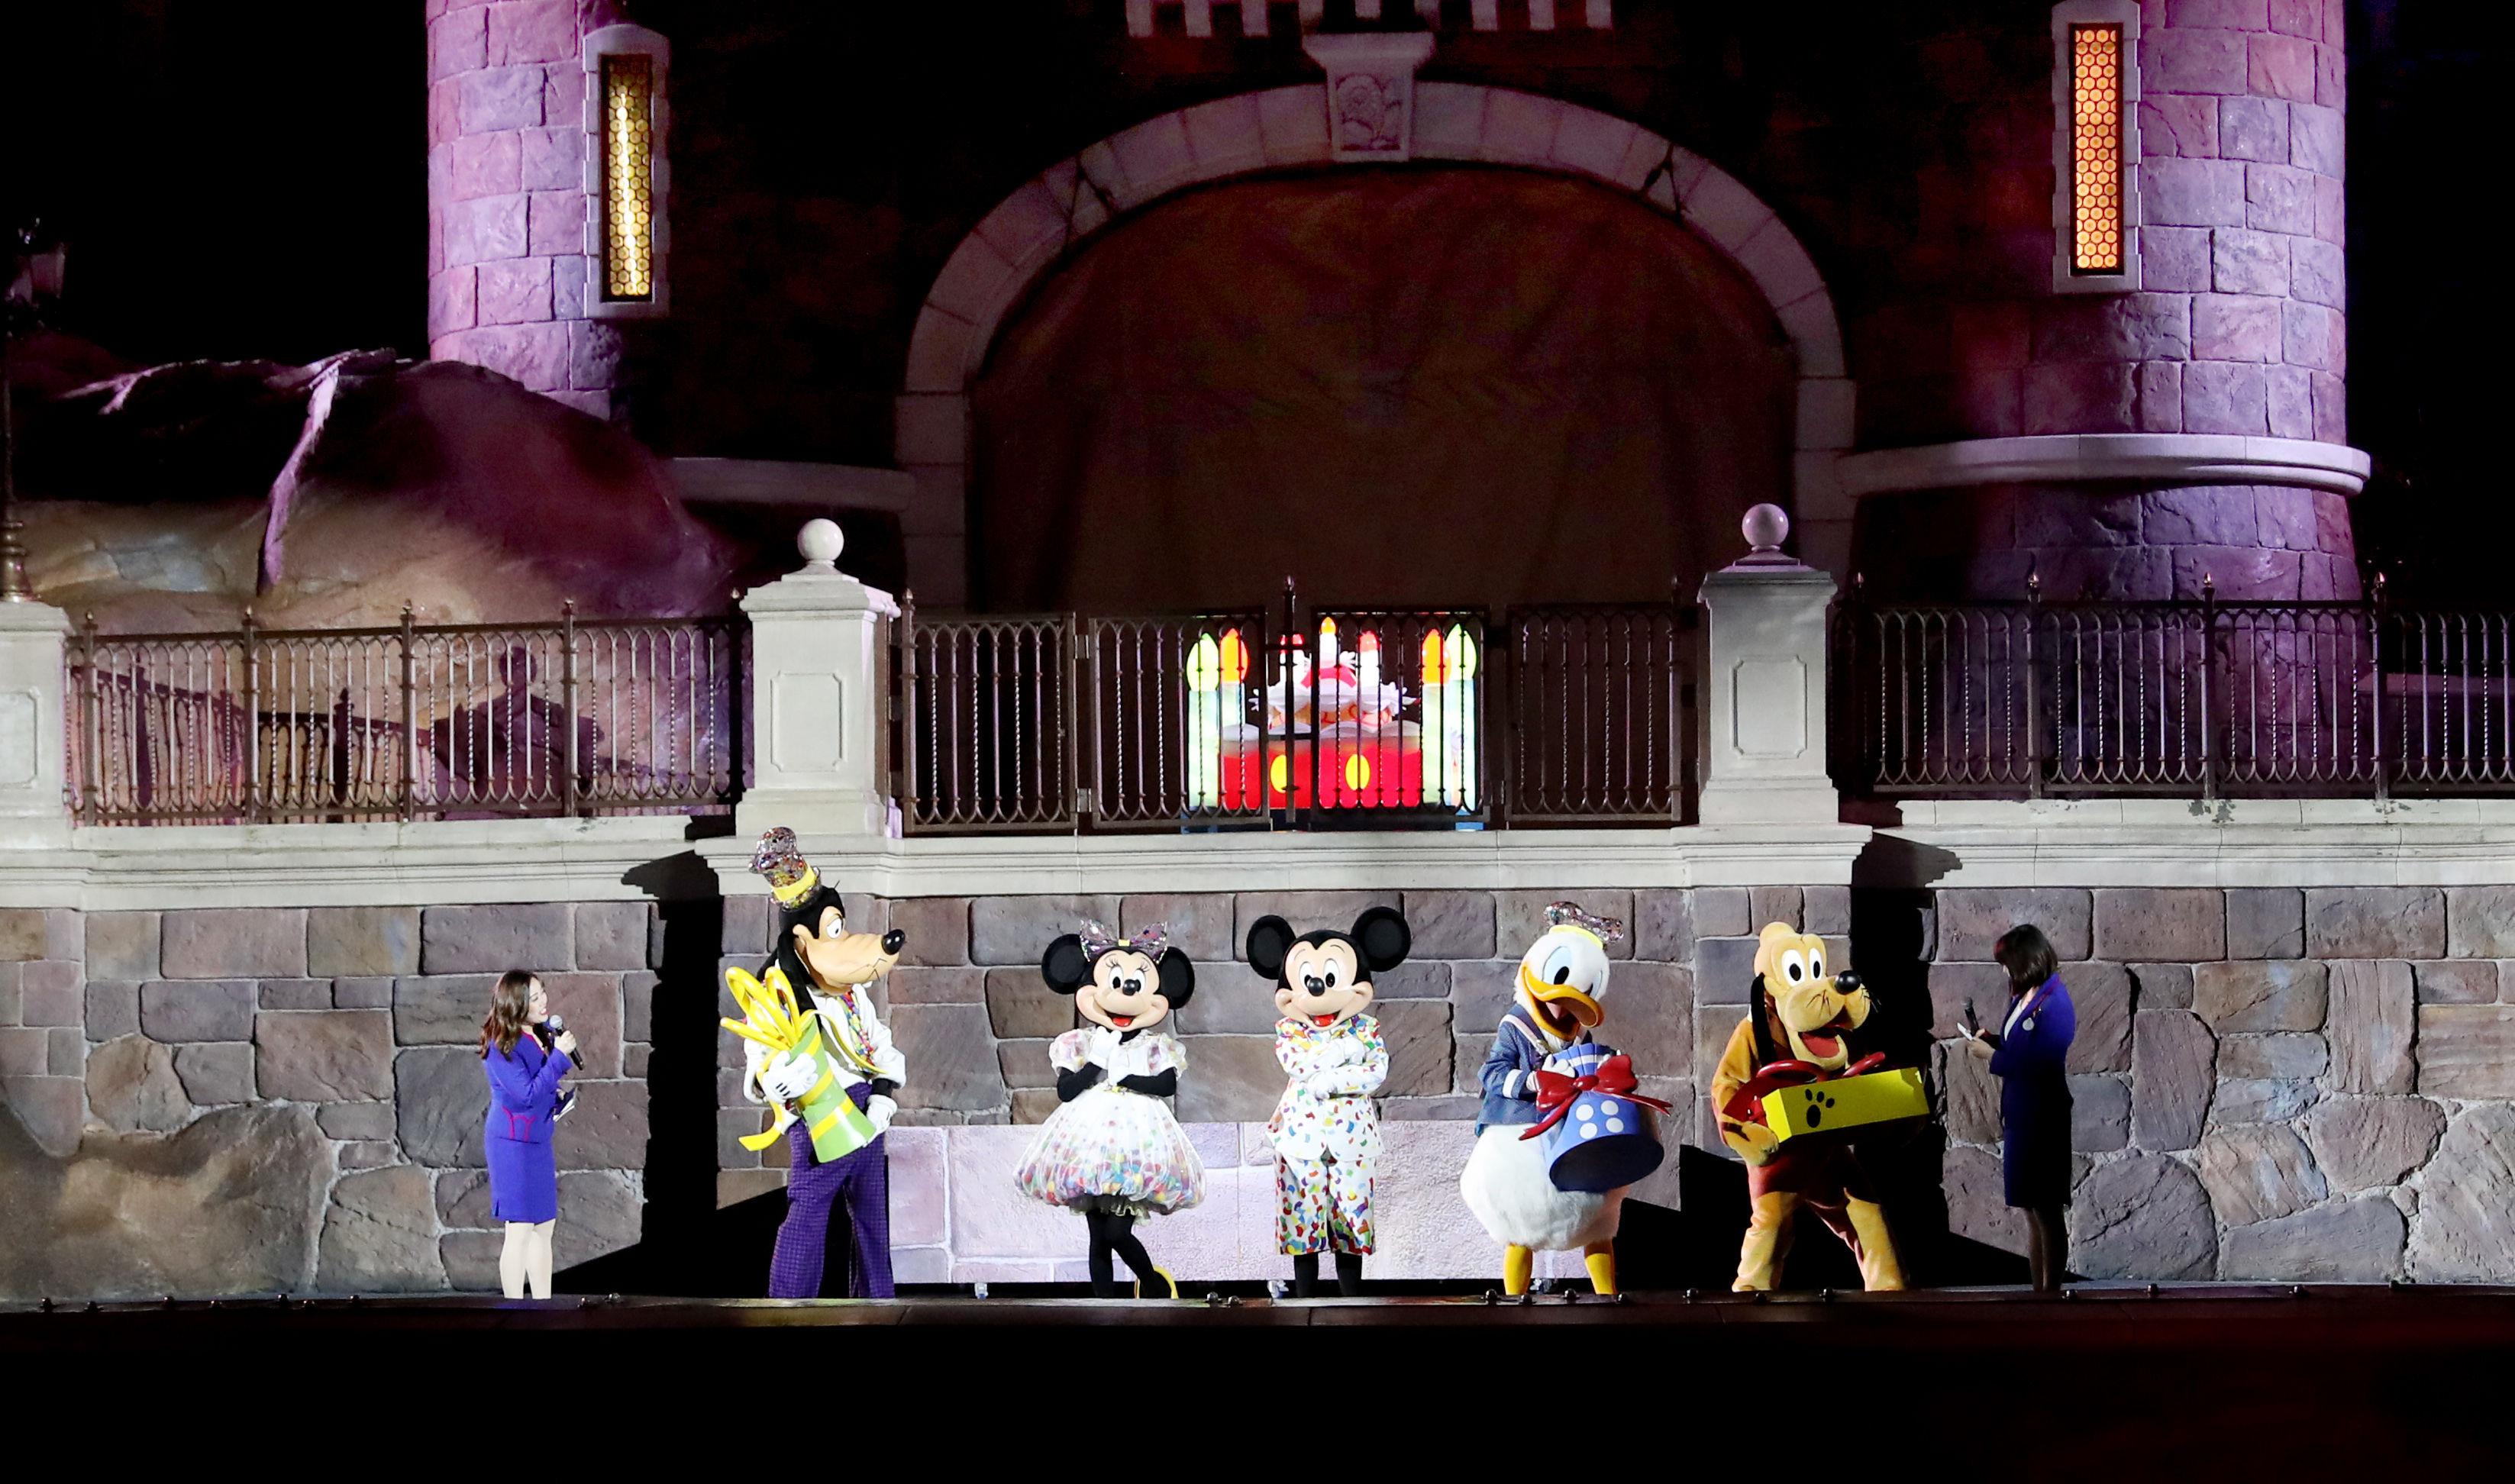 上海迪士尼乐园松口了!游客可携带自用食品入园